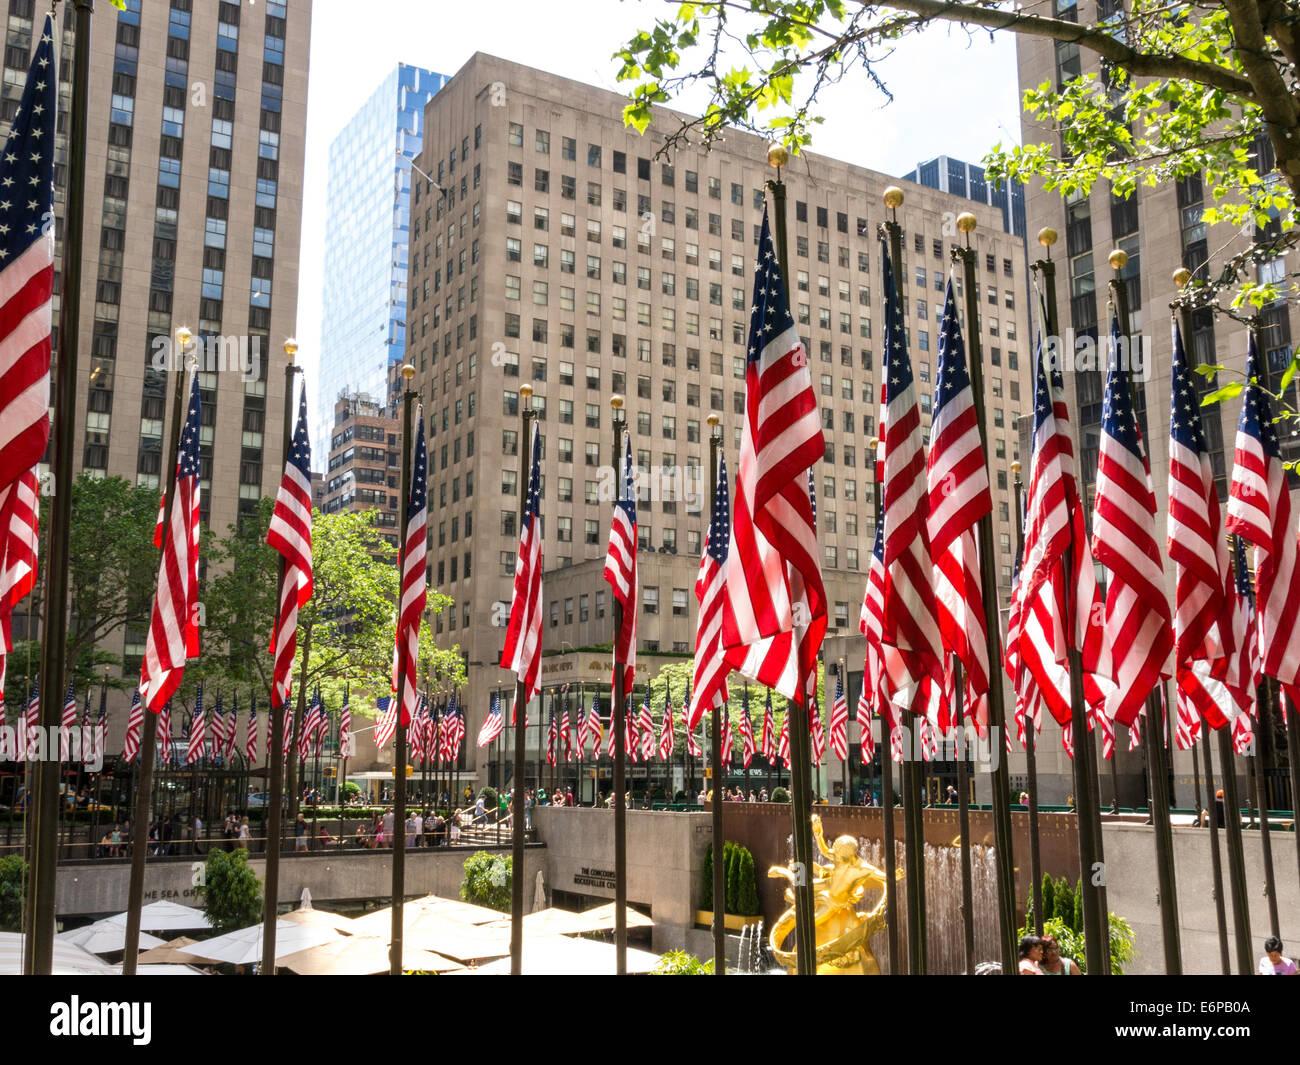 Drapeaux américains au Centre Rockefeller Plaza, NYC Photo Stock